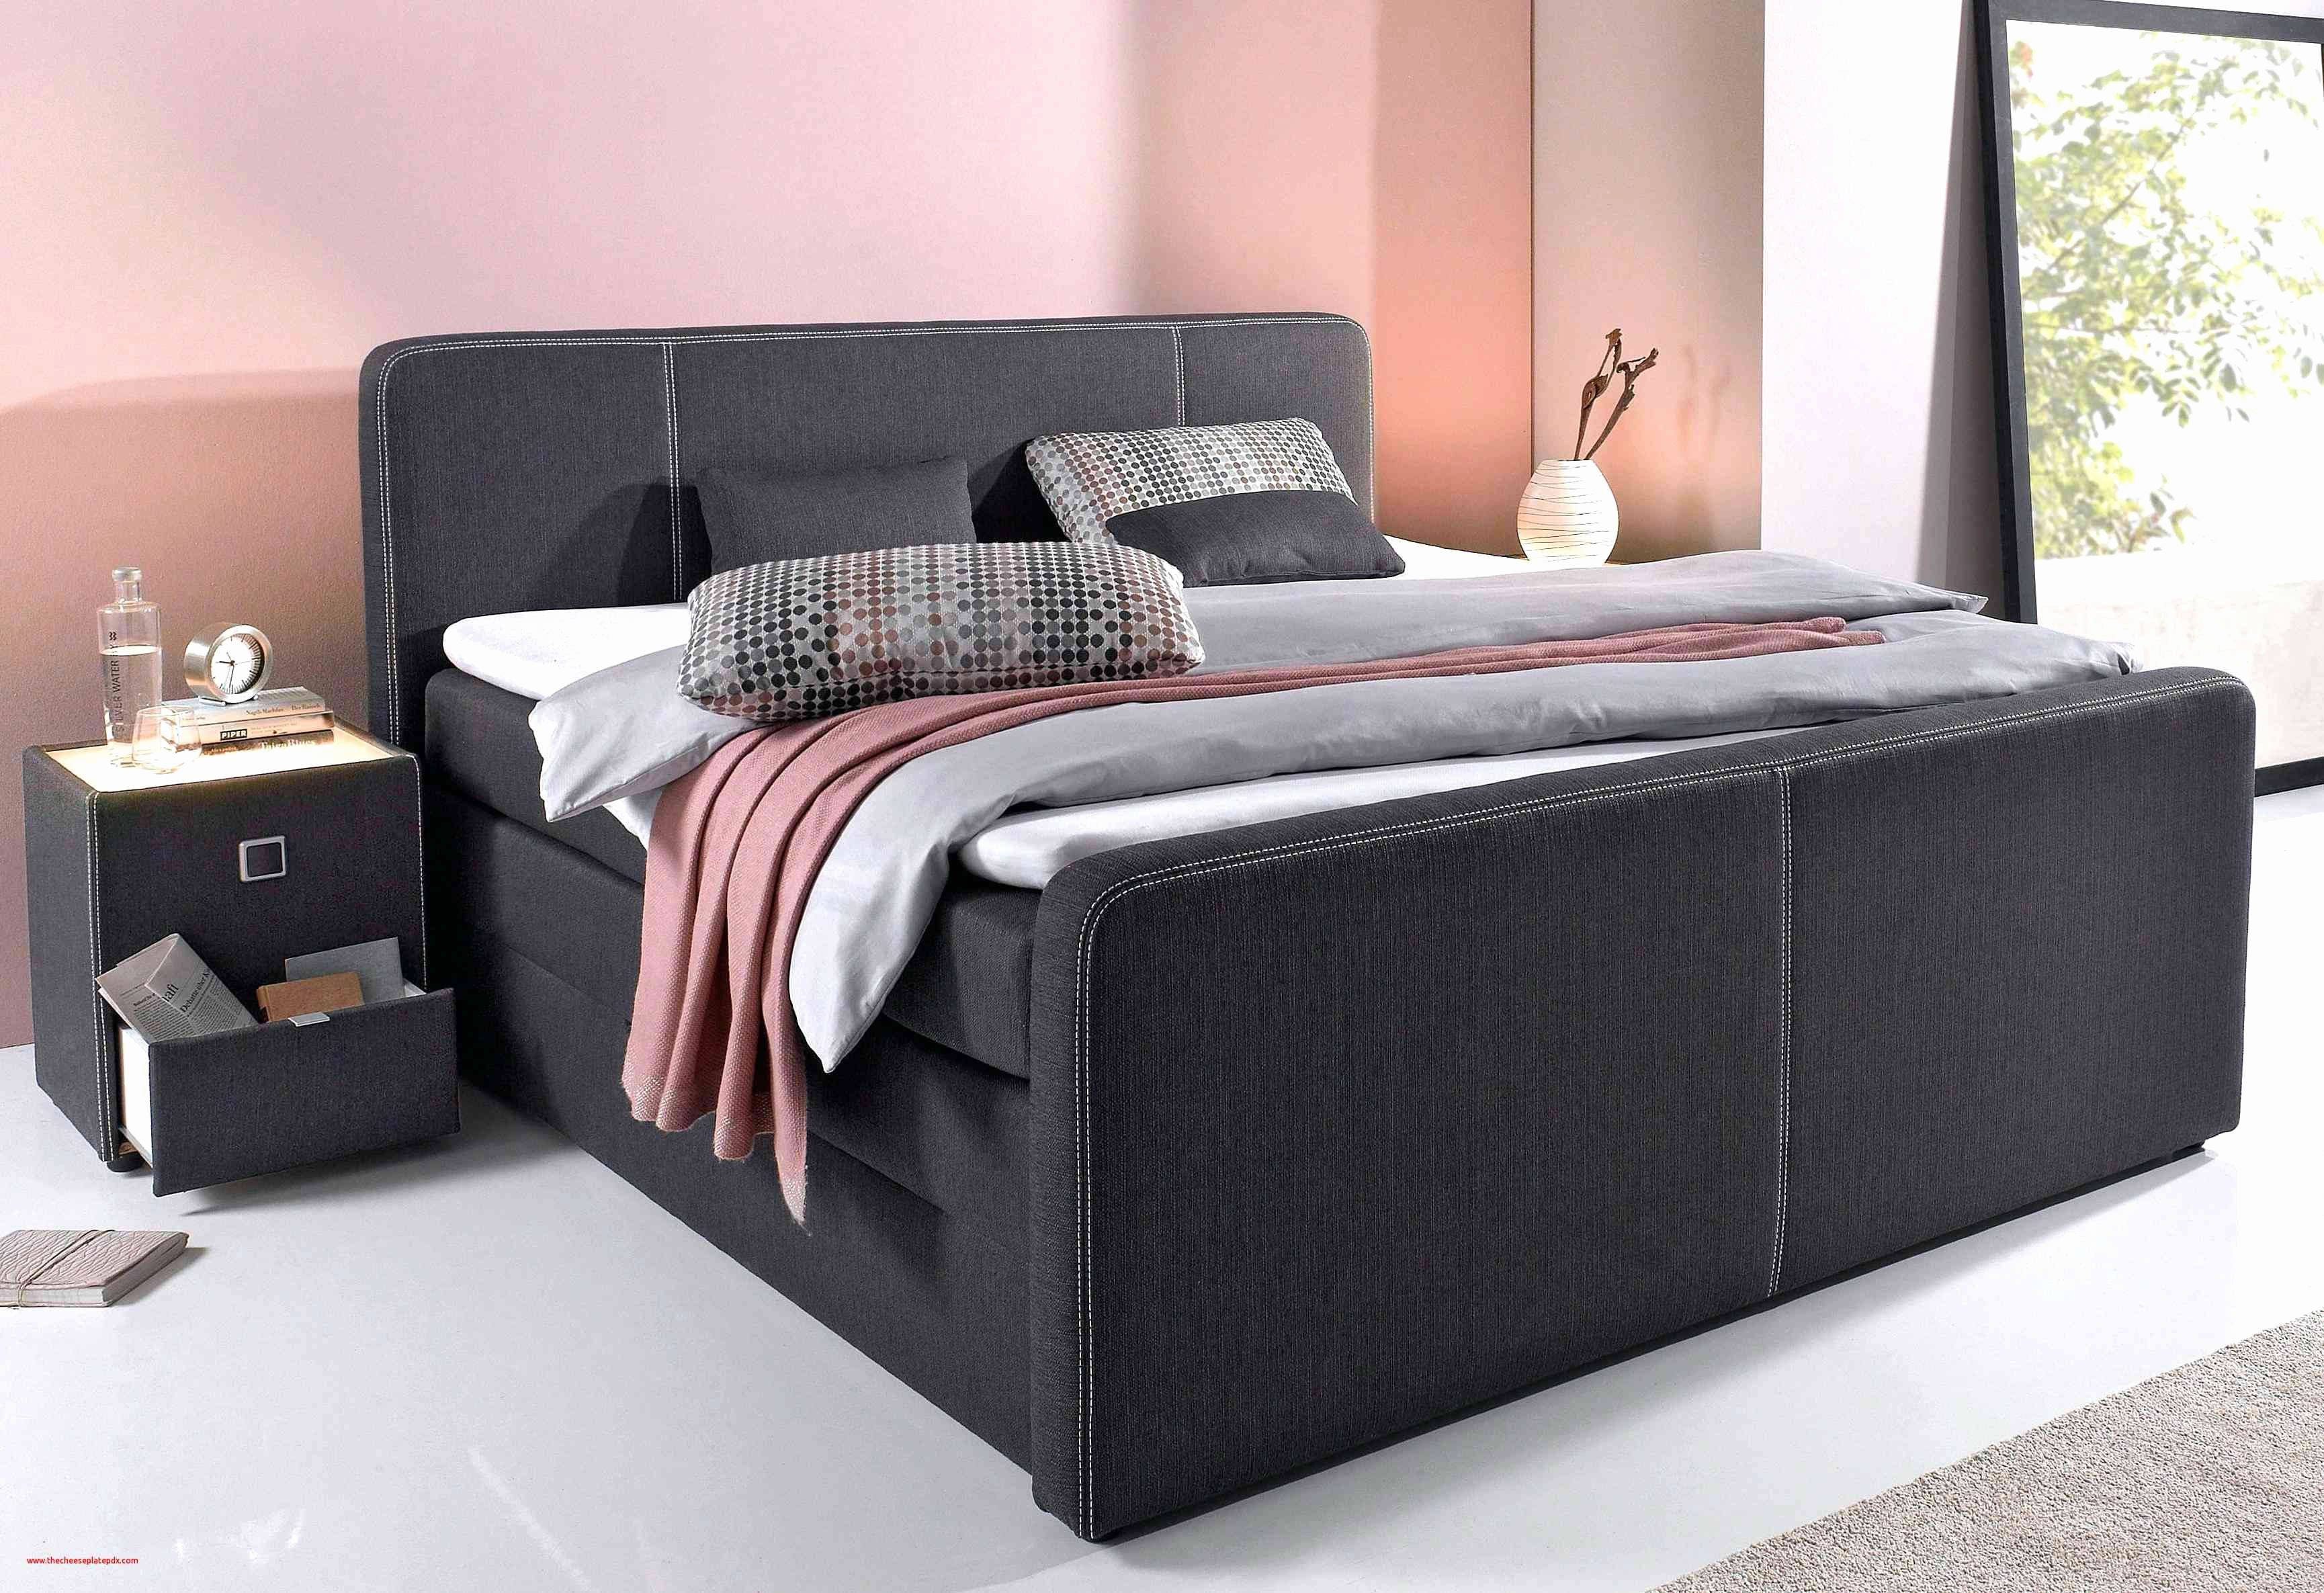 Divan Hemnes Ikea Inspirant Images Lit Hemnes Ikea Fra Che Ikea Beds Bedroom Ideas Ikea Kids Rooms